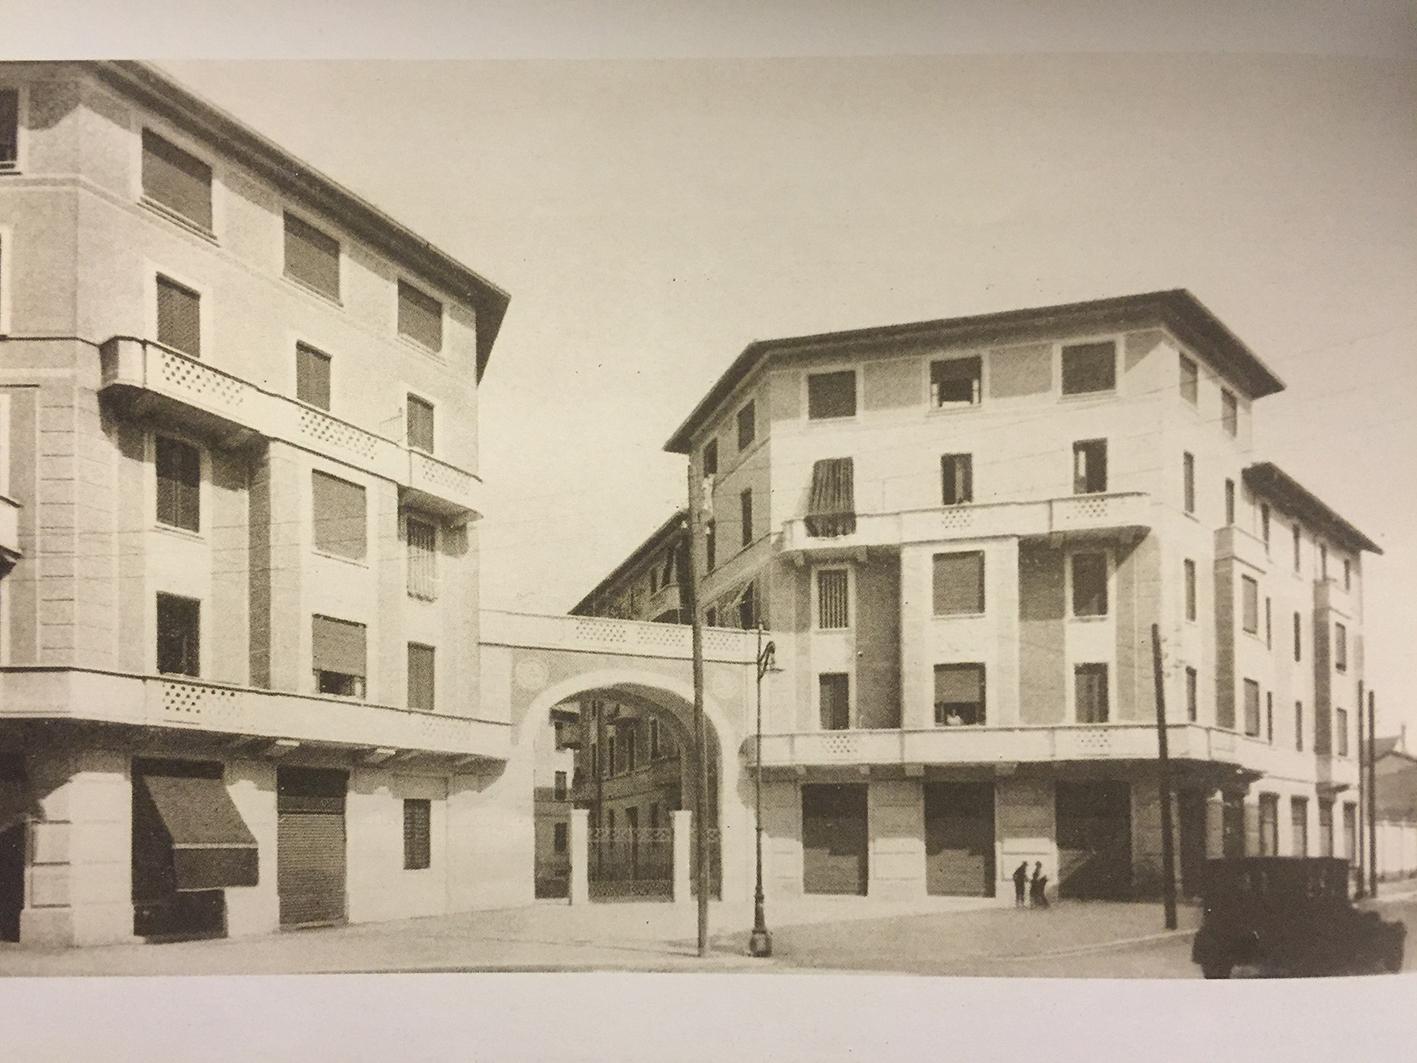 Milano la fontana un angolo interessante di for Case a milano